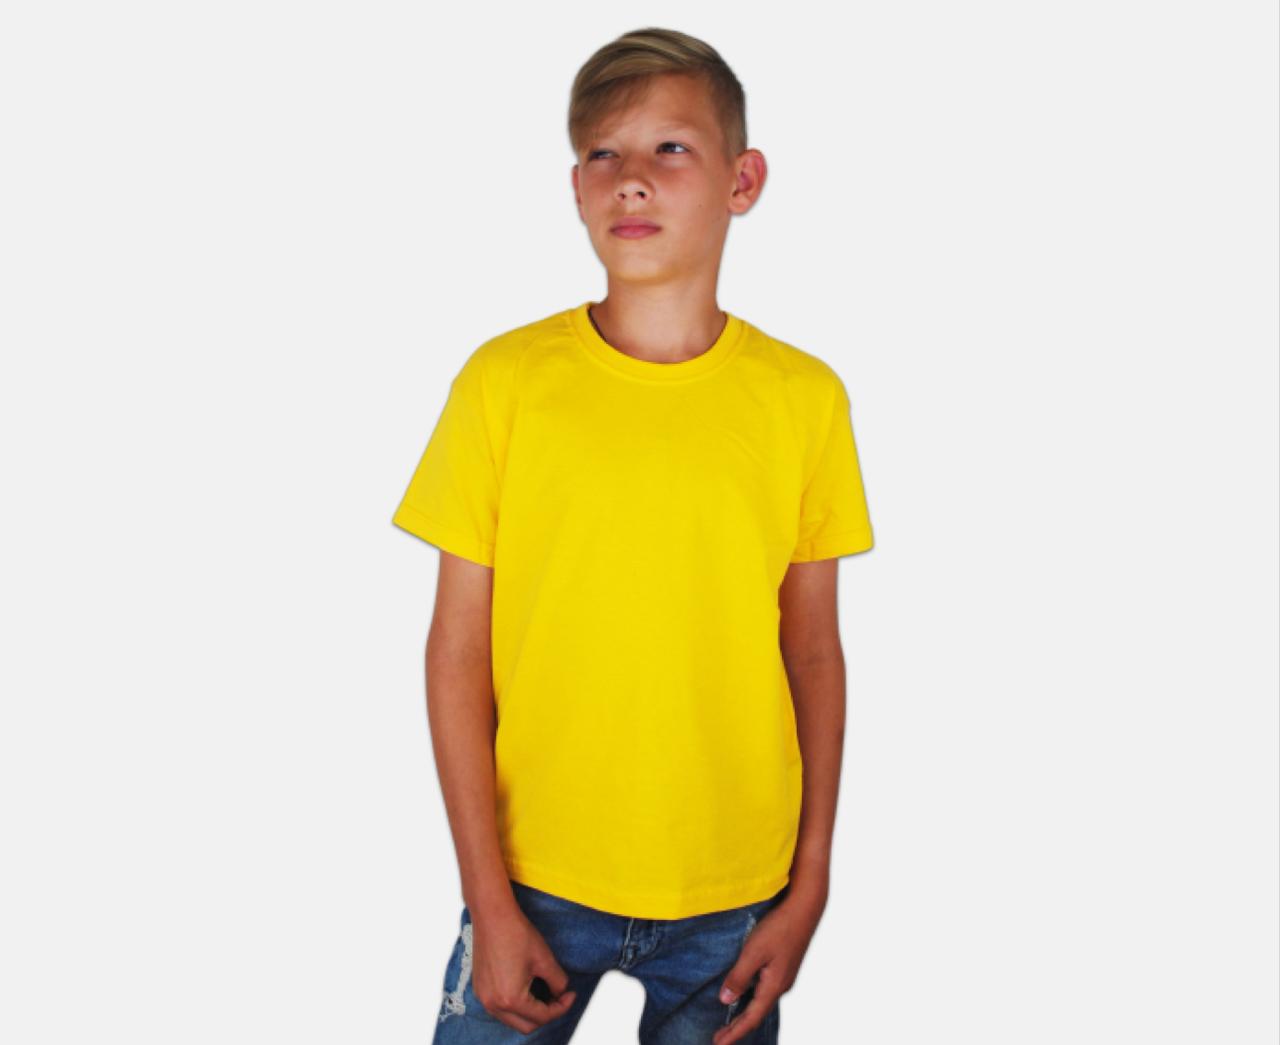 Детская Классическая Футболка для Мальчиков Солнечно-жёлтая Fruit of the loom 61-033-34 7-8